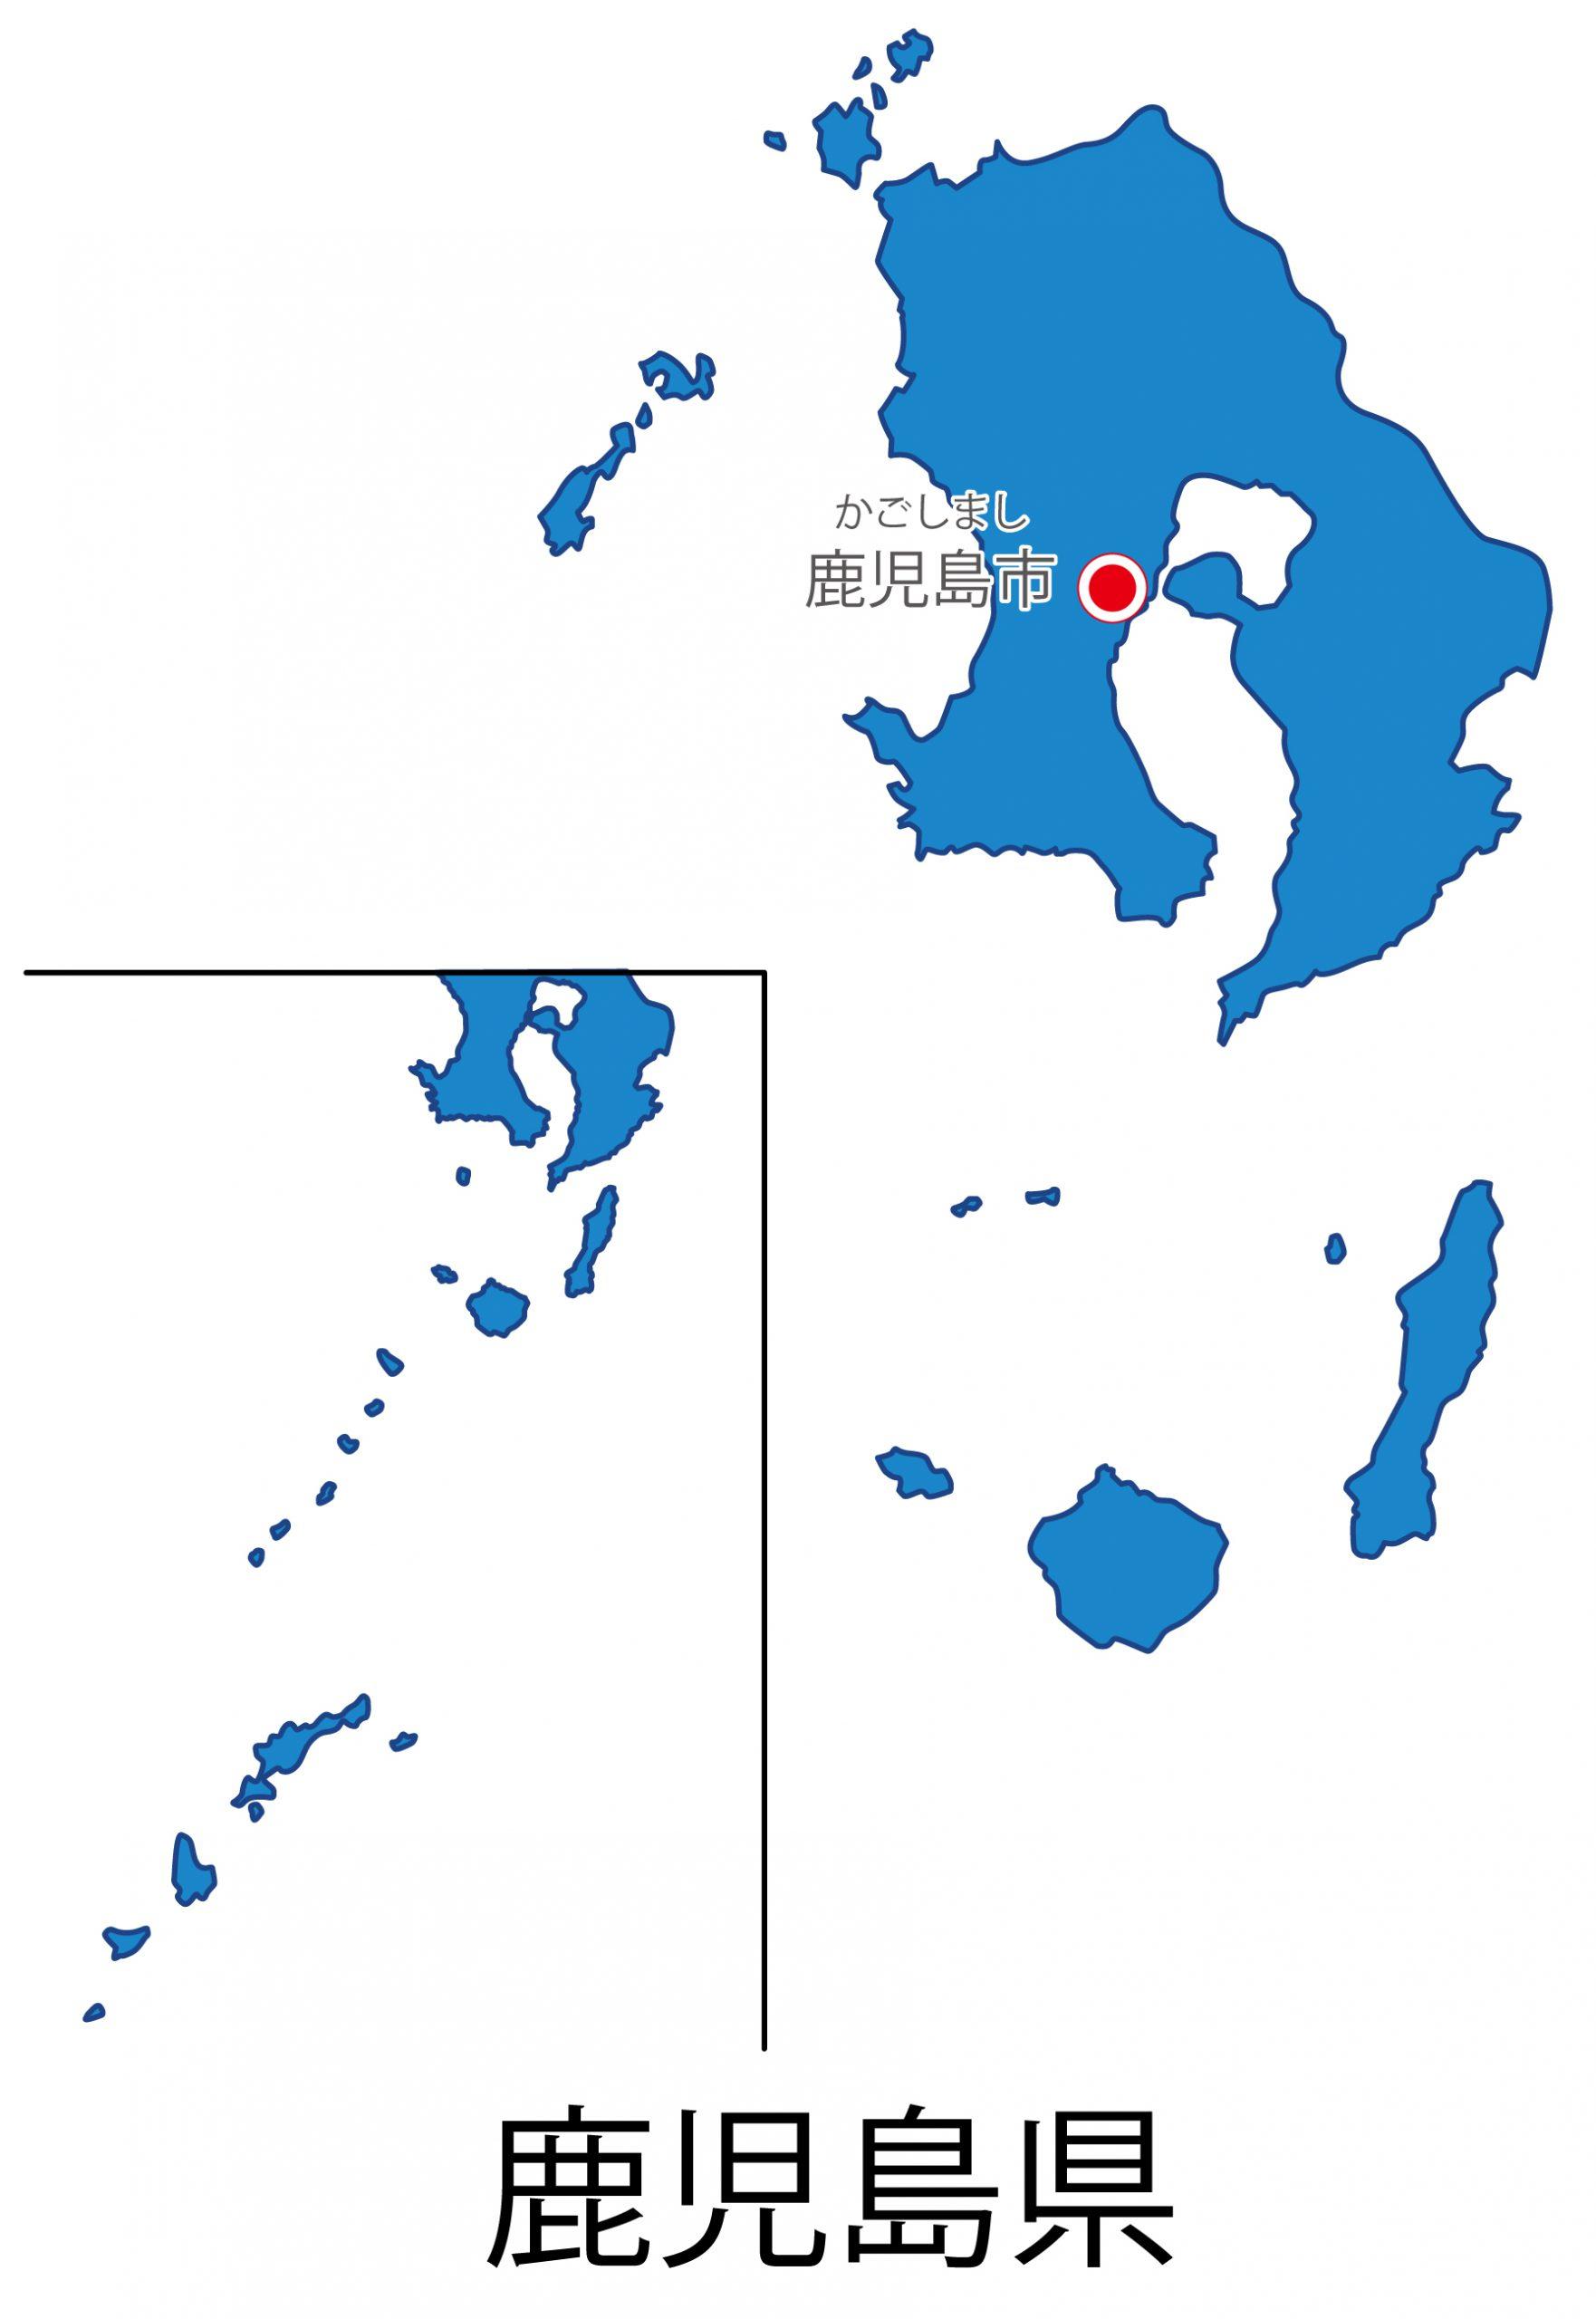 鹿児島県無料フリーイラスト|日本語・都道府県名あり・県庁所在地あり・ルビあり(青)